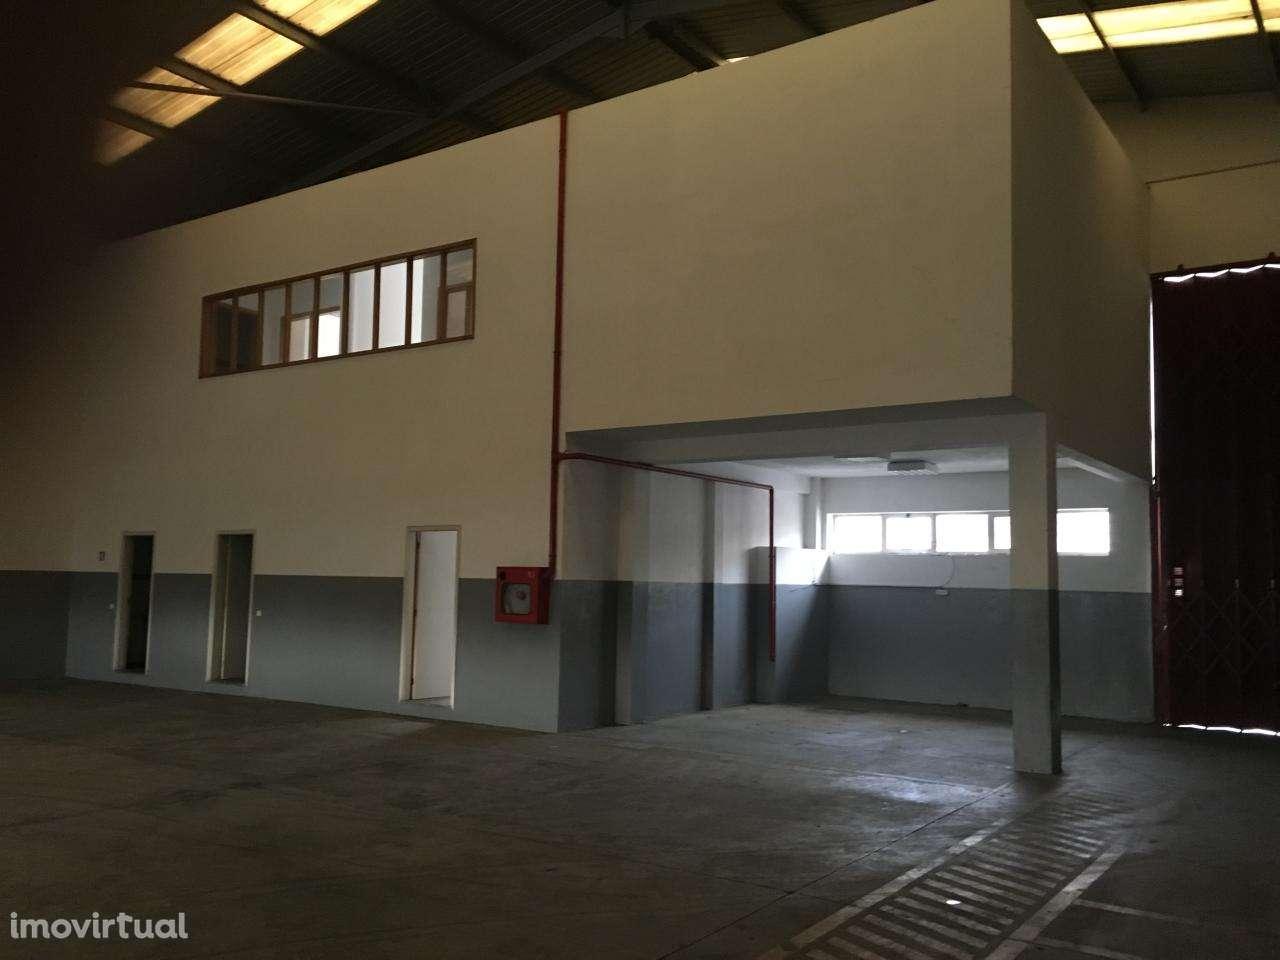 Armazém para arrendar, Moreira, Maia, Porto - Foto 7